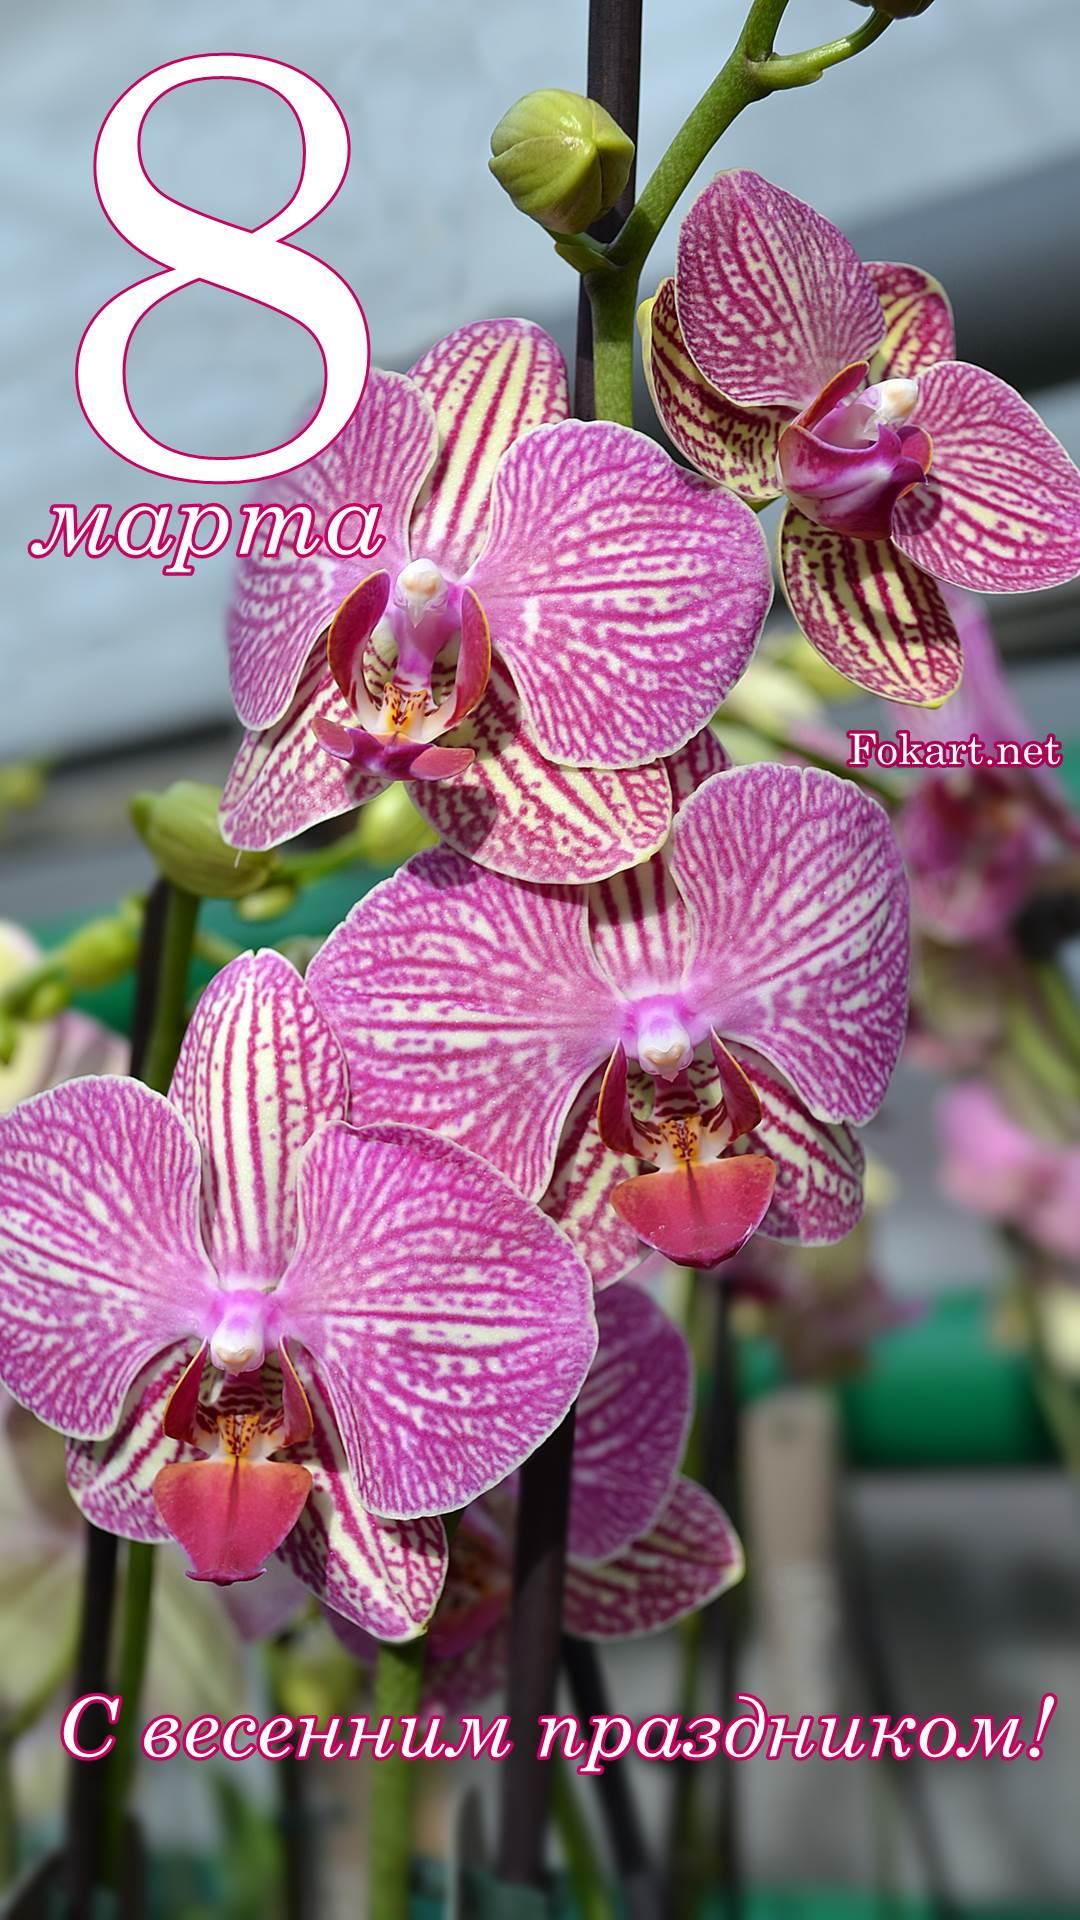 С весенним праздником 8 марта! Открытка. Вертикальные фото-обои 1920-1080. Полосатые розово-белые цветы фаленопсиса (орхидеи).